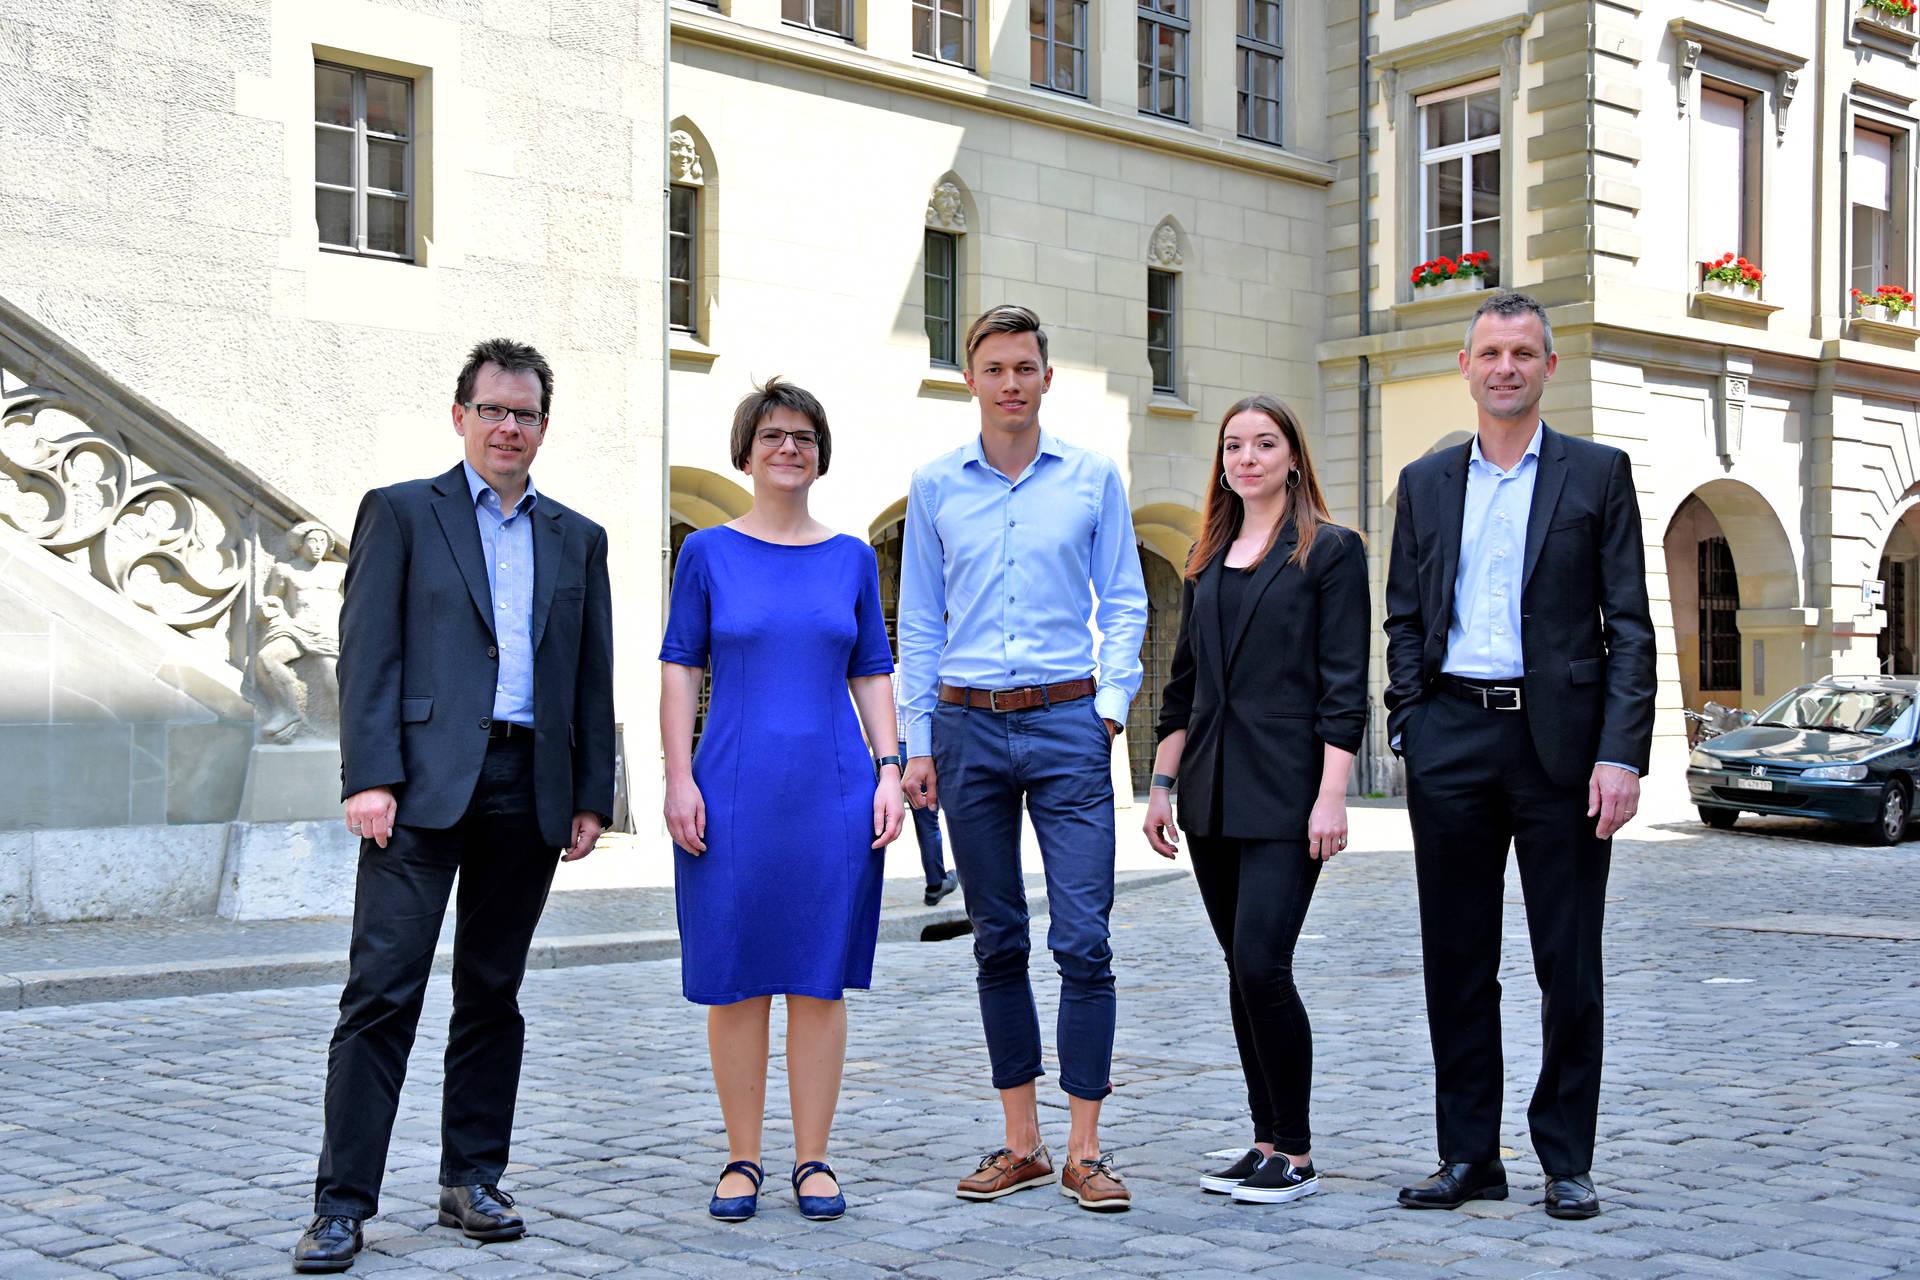 Die Vertreterinnen und Vertreter der PHBern (v.l.n.r.): Martin Schäfer, Andrea Schweizer, die Studierenden Dominik Amstutz und Kim Niederer sowie Daniel Steiner.